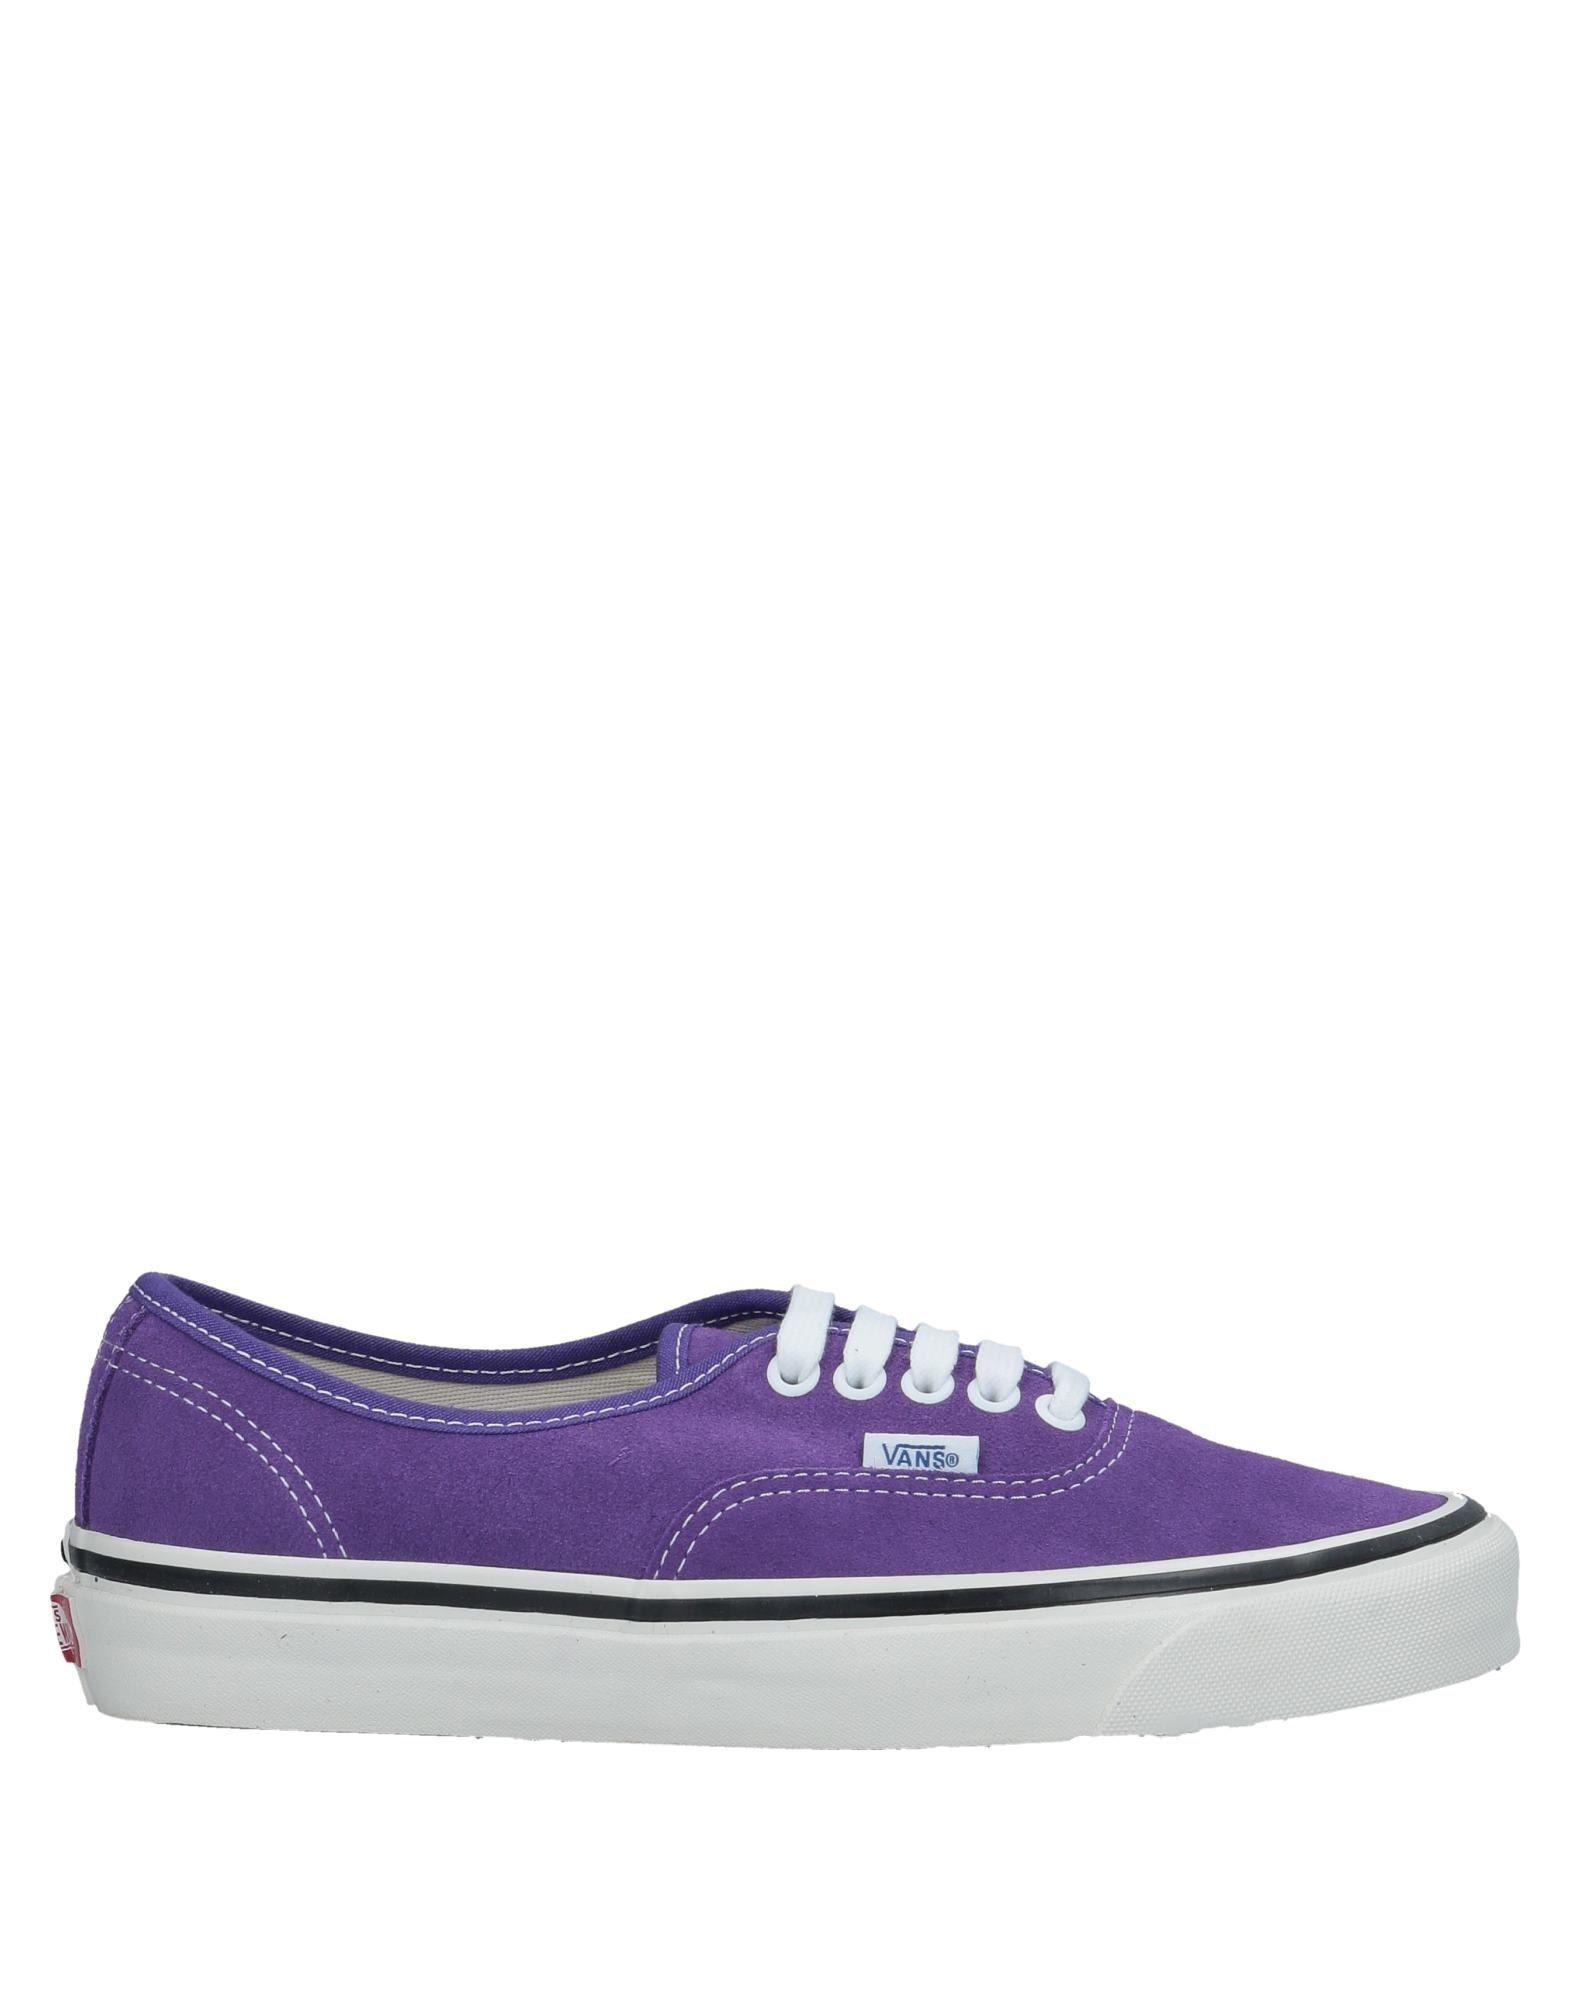 Vans Vans Vans Sneakers Damen Gutes Preis-Leistungs-Verhältnis, es lohnt sich a46612